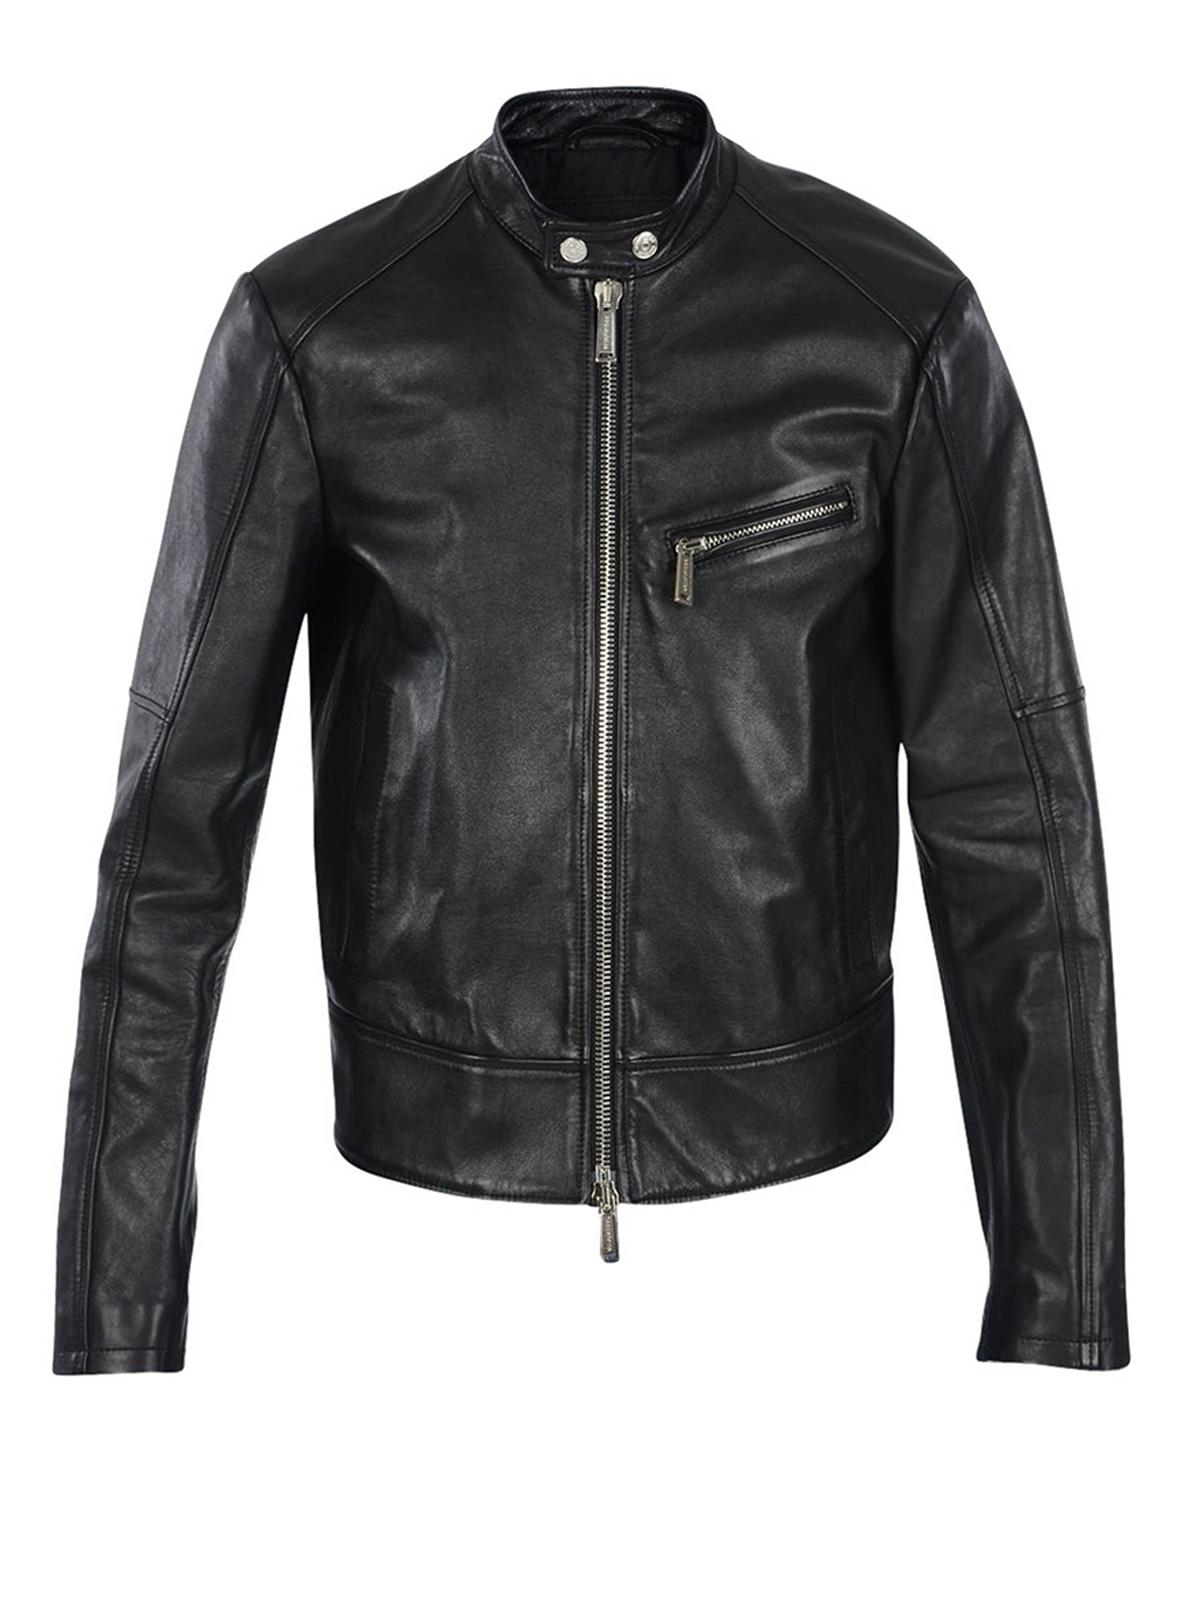 online store c8fba a8e5c Dsquared2 - Giubbotto in pelle stile biker - giacche in ...